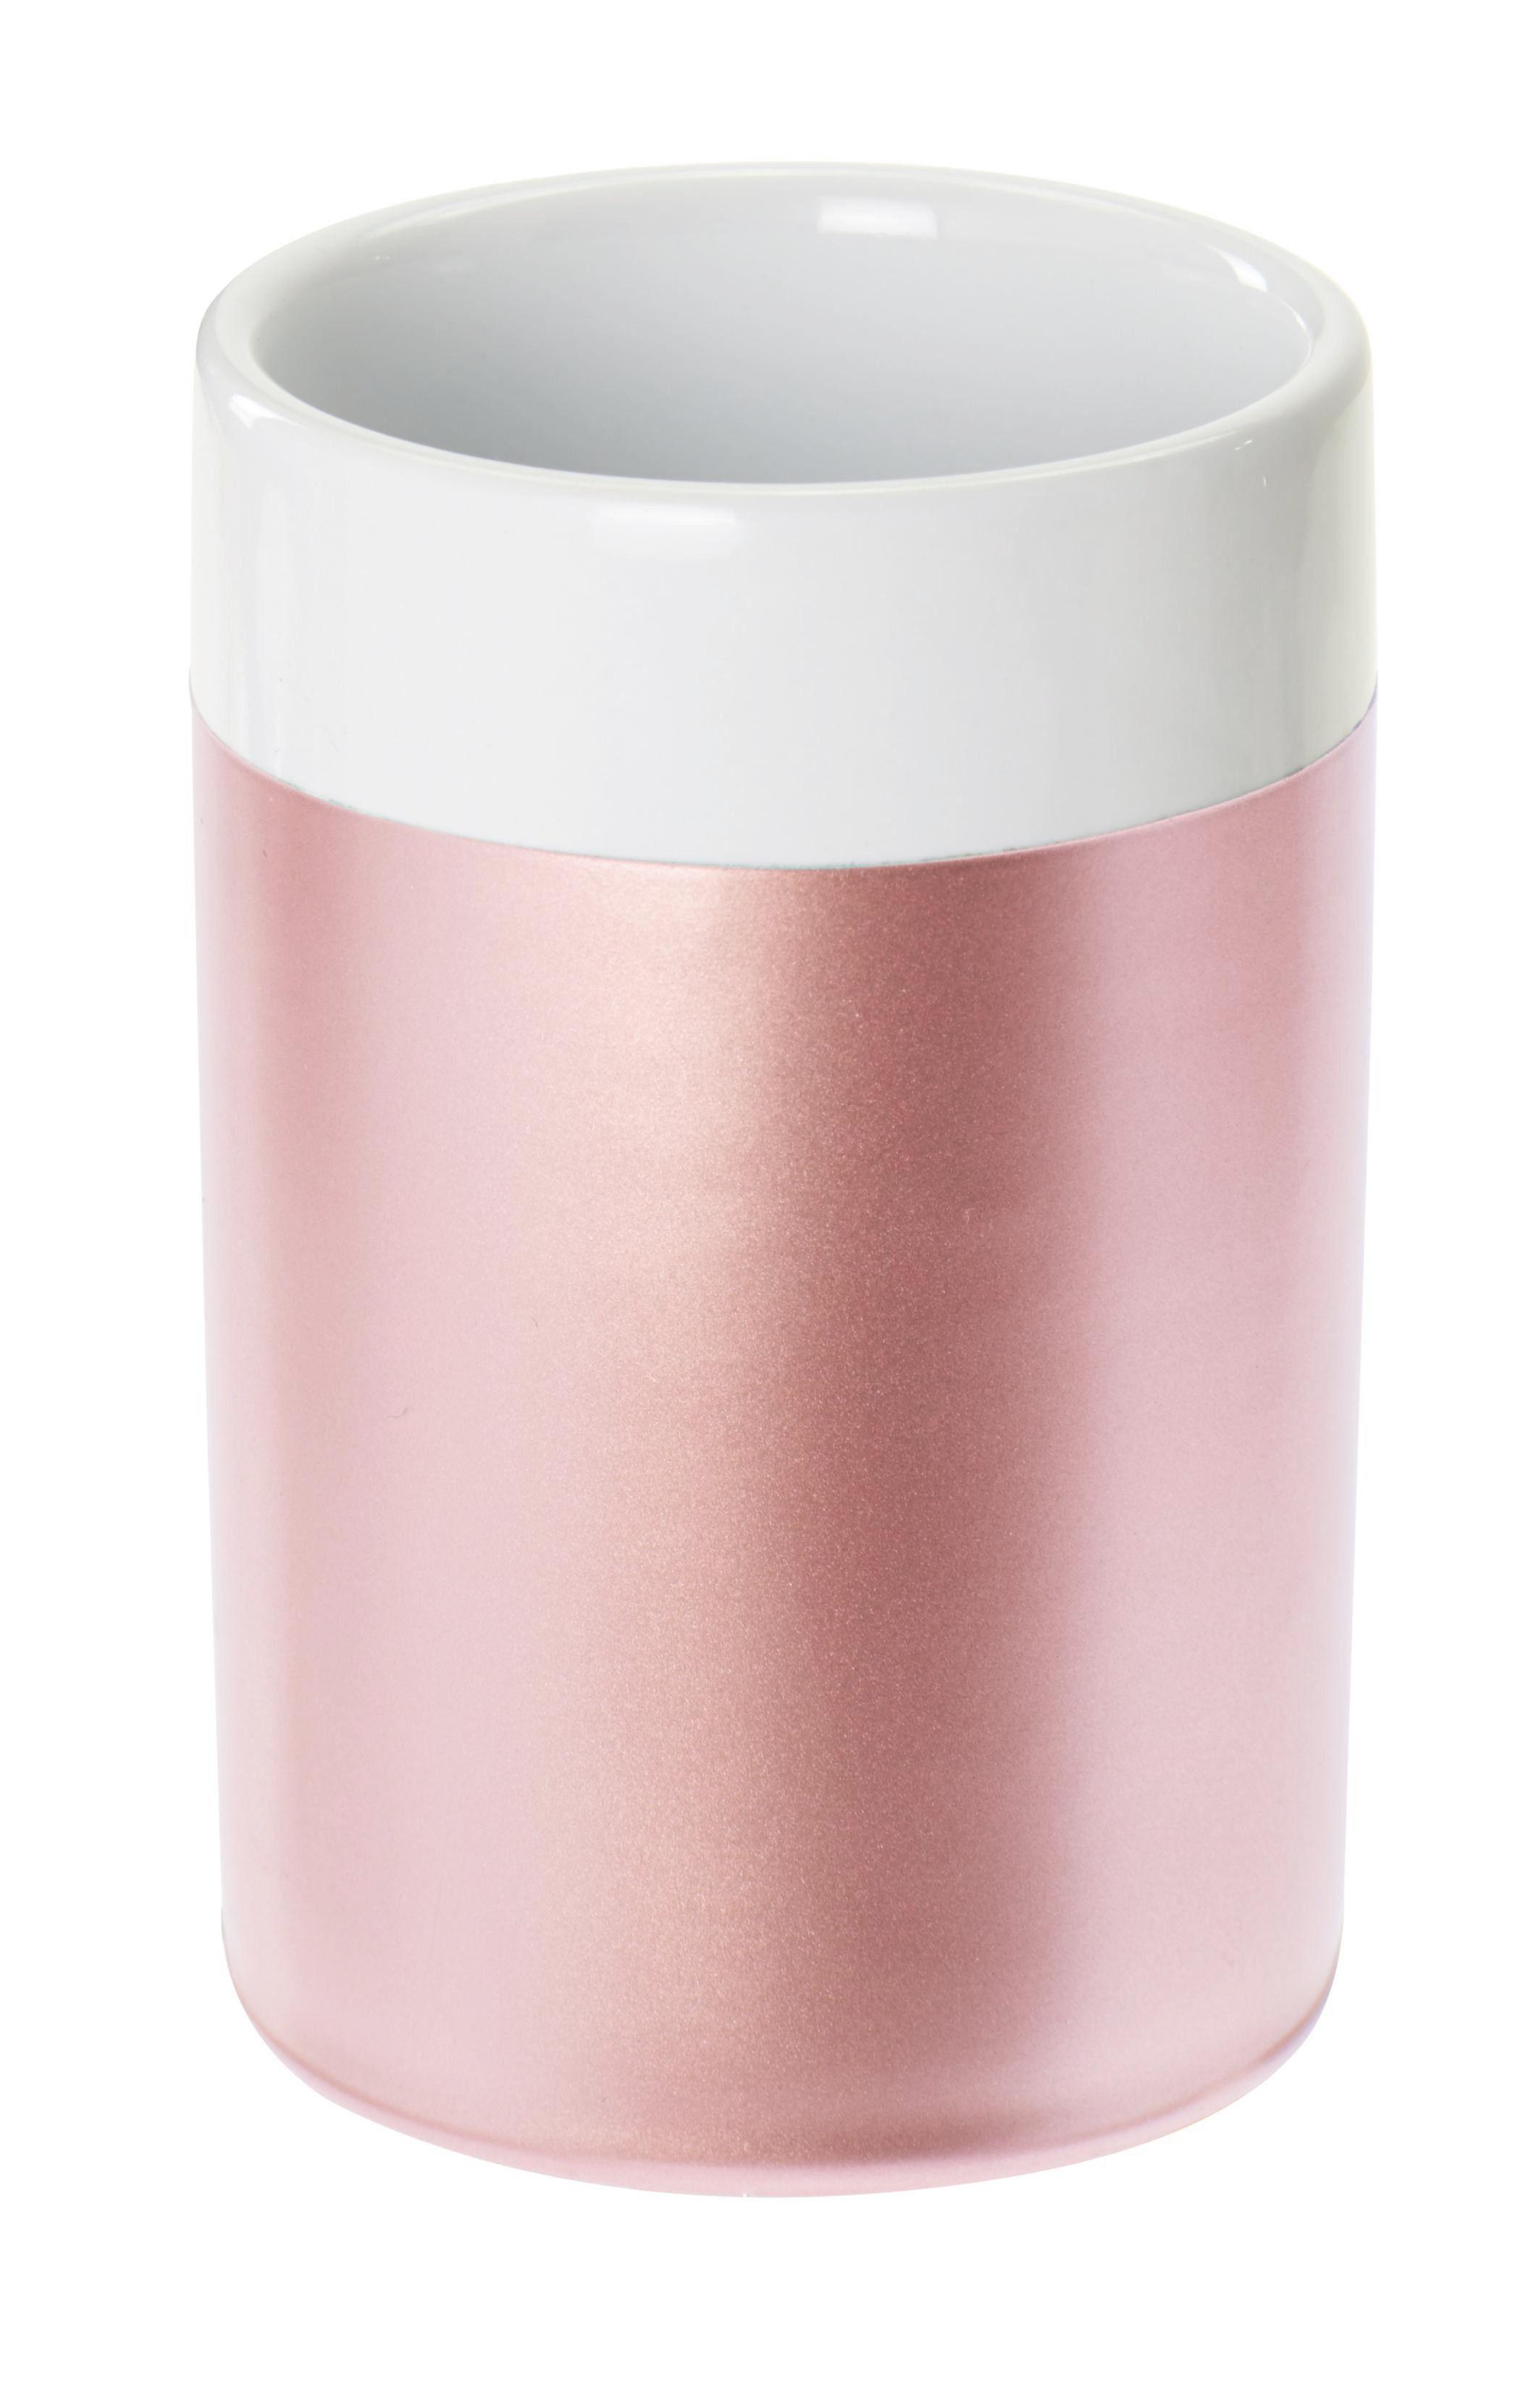 KUPAONSKA ČAŠA - roza, Basics, keramika (6.5/10/6.5cm) - Celina